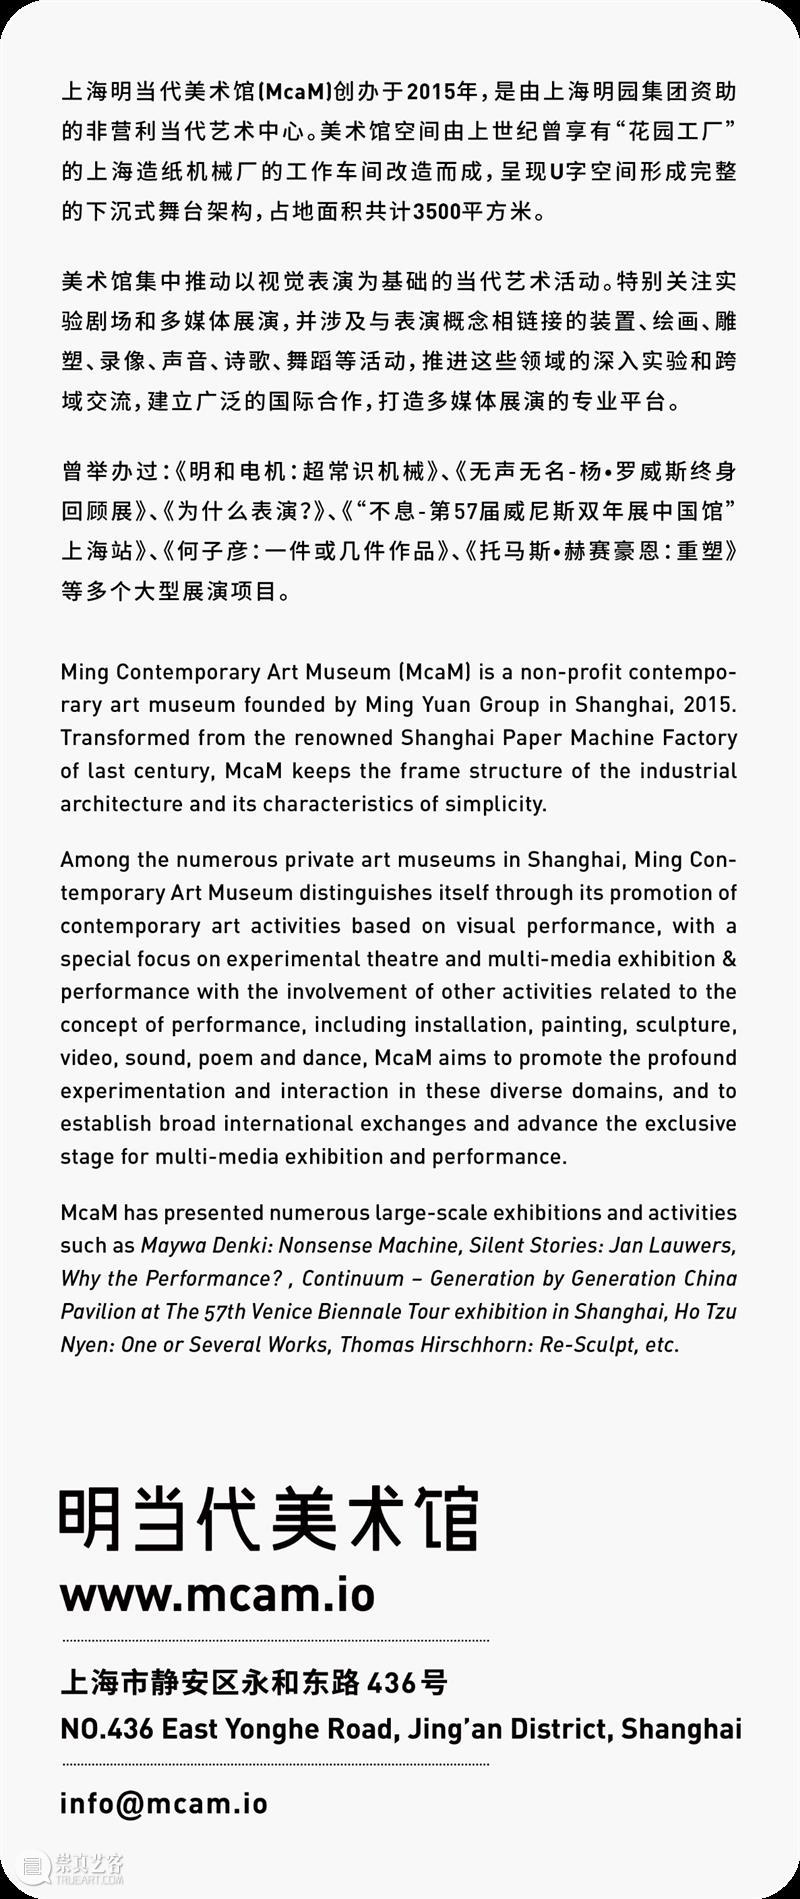 McaM 表演丨与侯莹一起「消失」 视频资讯 McaM上海明当代美术馆 侯莹 McaM DISAPPEAR 现代舞 消失 地点 上海国际舞蹈中心 剧场 日期 时间 崇真艺客